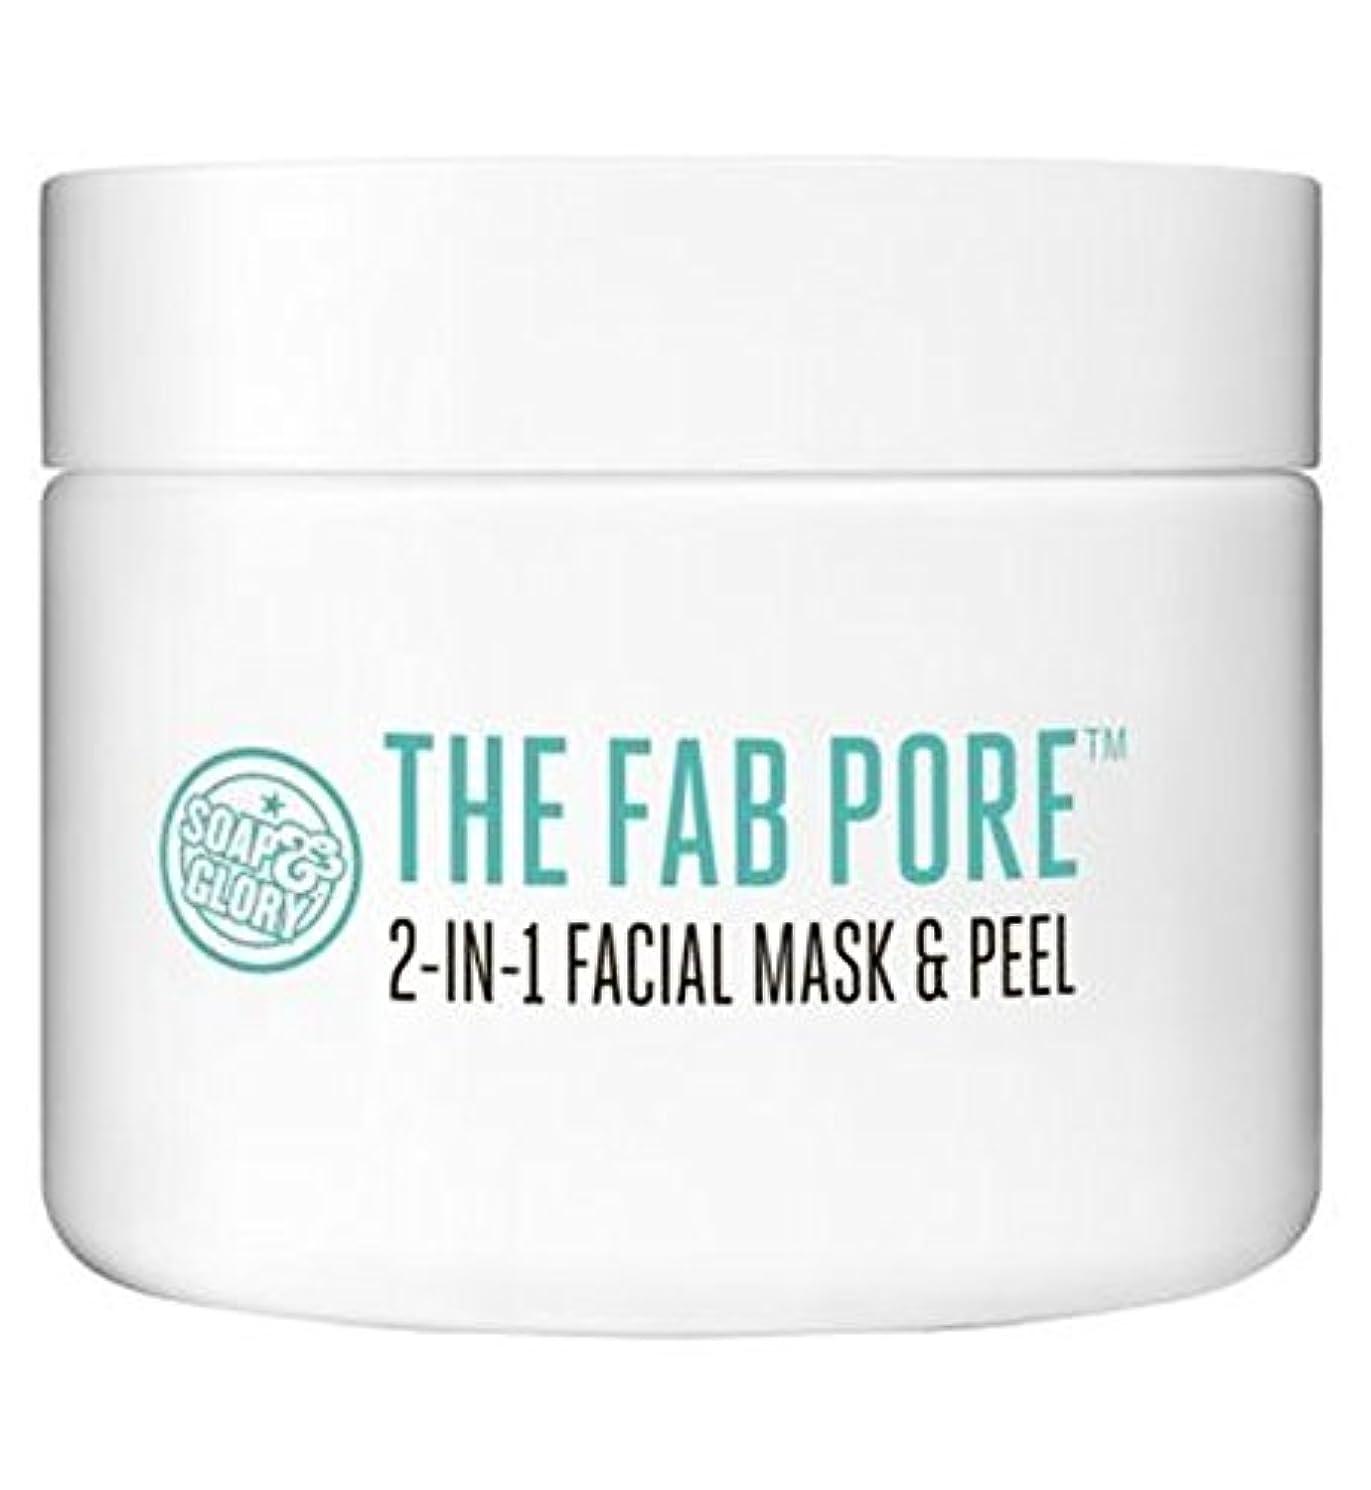 エゴマニア社交的突進Soap & Glory? Fab Pore? 2-in-1 Facial Pore Purifying Mask & Peel - ファブ細孔?2イン1顔の細孔浄化マスク&ピール?石鹸&栄光 (Soap & Glory...